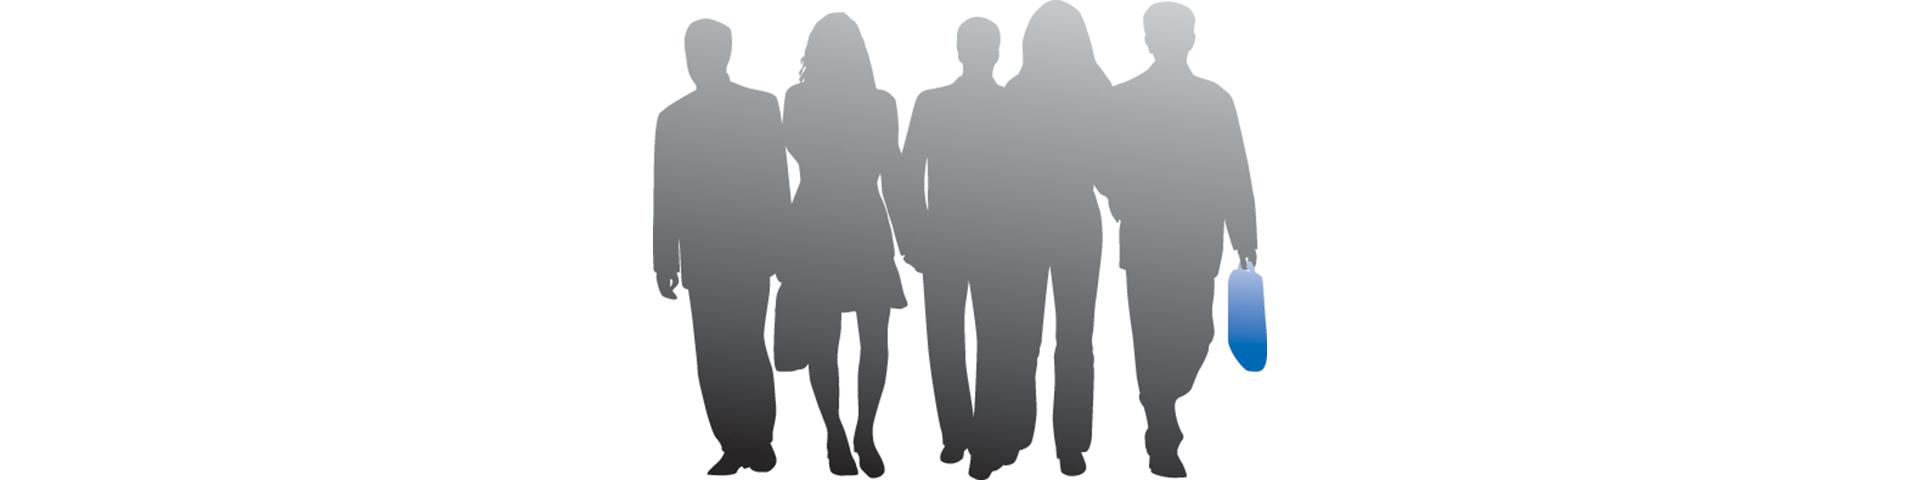 Leitbild: Schattenfiguren stehen für das Leitbild der BBBank.